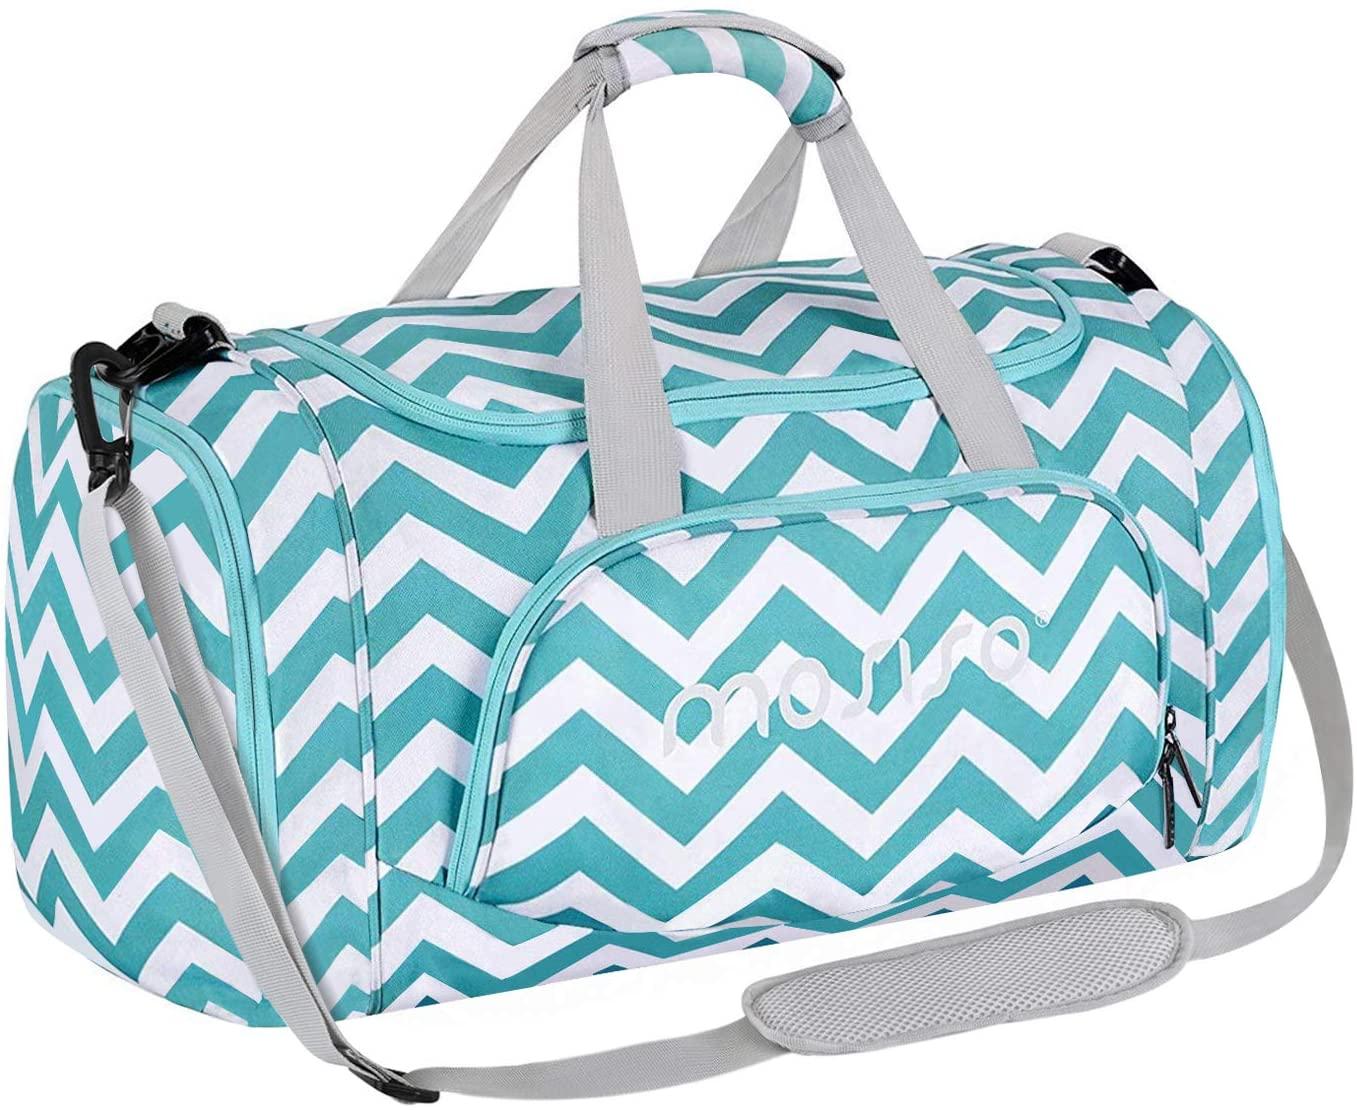 MOSISO Bolsas de Gimnasio con Compartimento Zapatos, Chevron Gym Hombro Bolso para Hombres/Mujeres Dance Travel Weekender,Caliente Azul